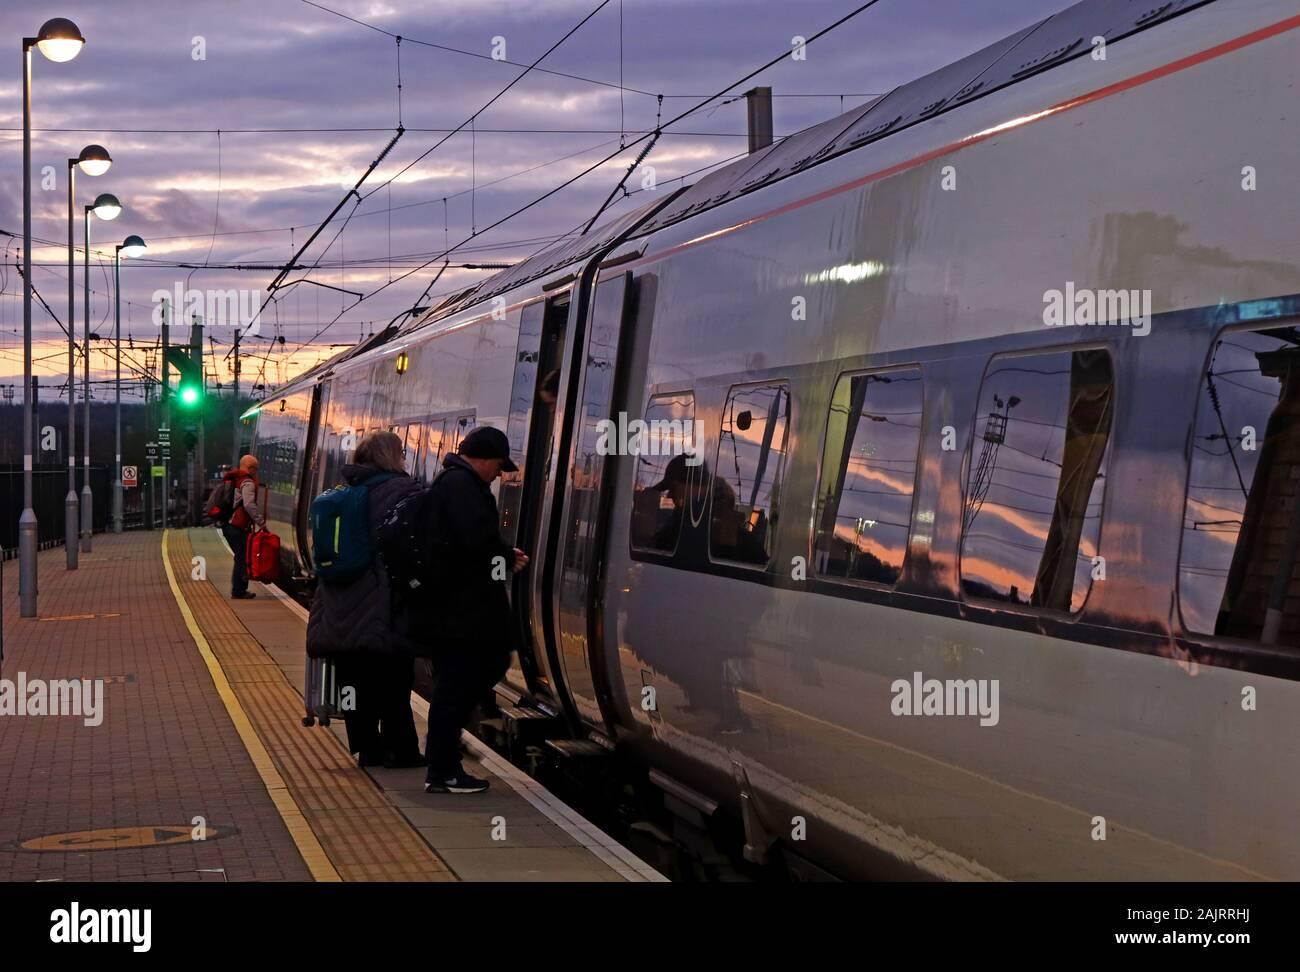 Dieses Stockfoto: Einsteigen in ein Avanti Westküste, WCML, West Coast Mainline - rebrand für FirstGroup TrenItalia, Austausch Virgin Trains Dez 2019, in Warrington Station - 2AJRRH